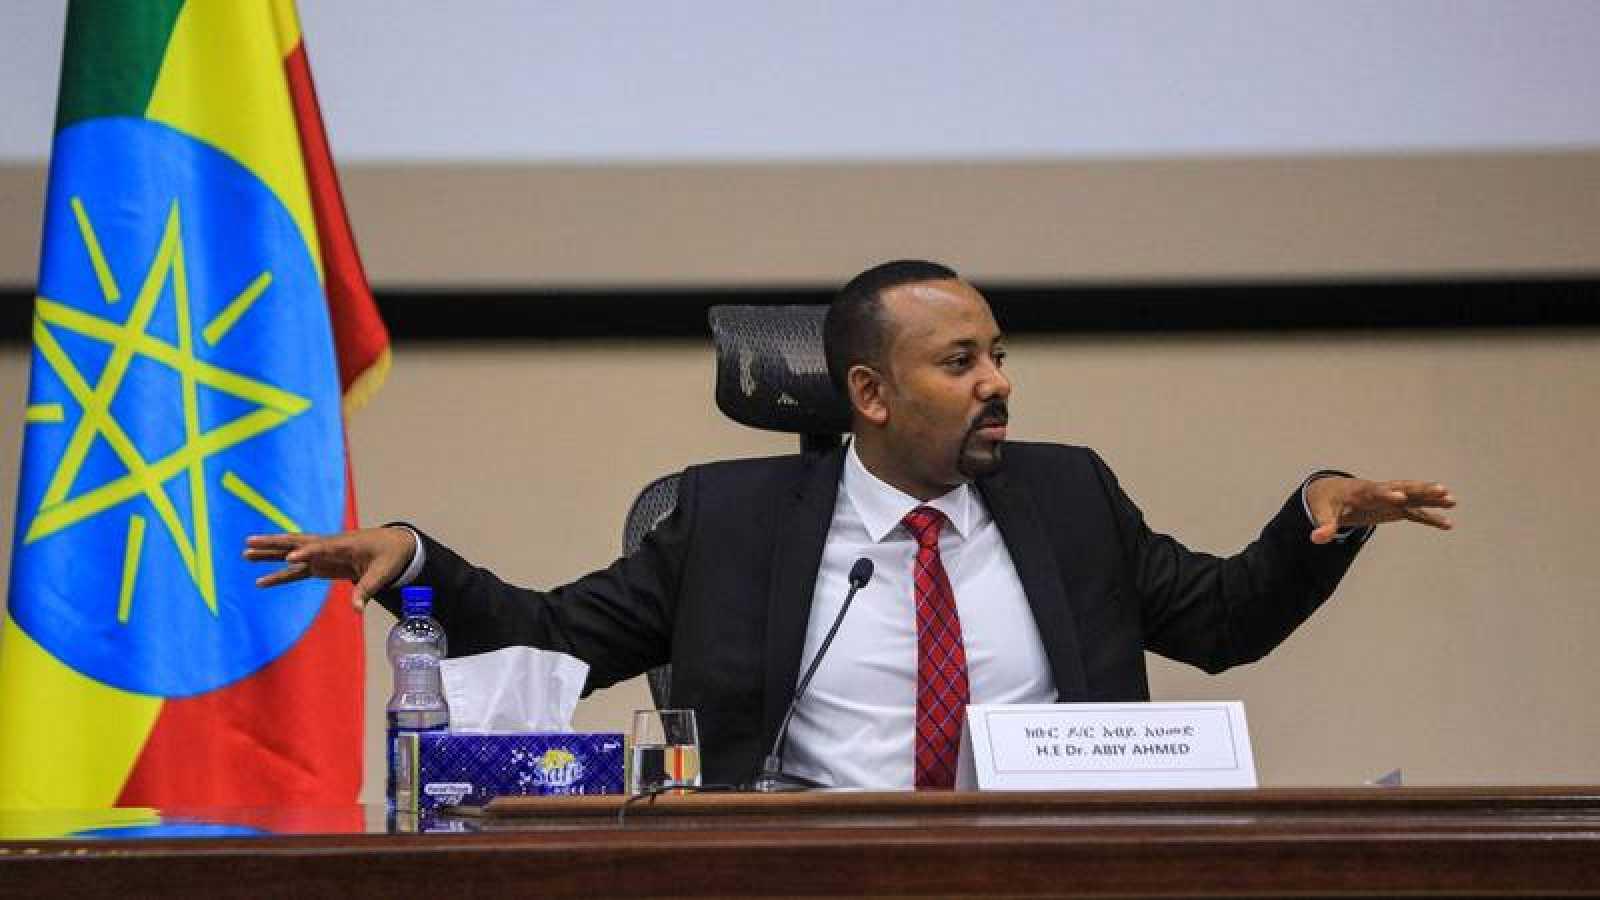 El primer ministro etíope, Abiy Ahmed, en una sesión de preguntas y respuestas en el parlamento.